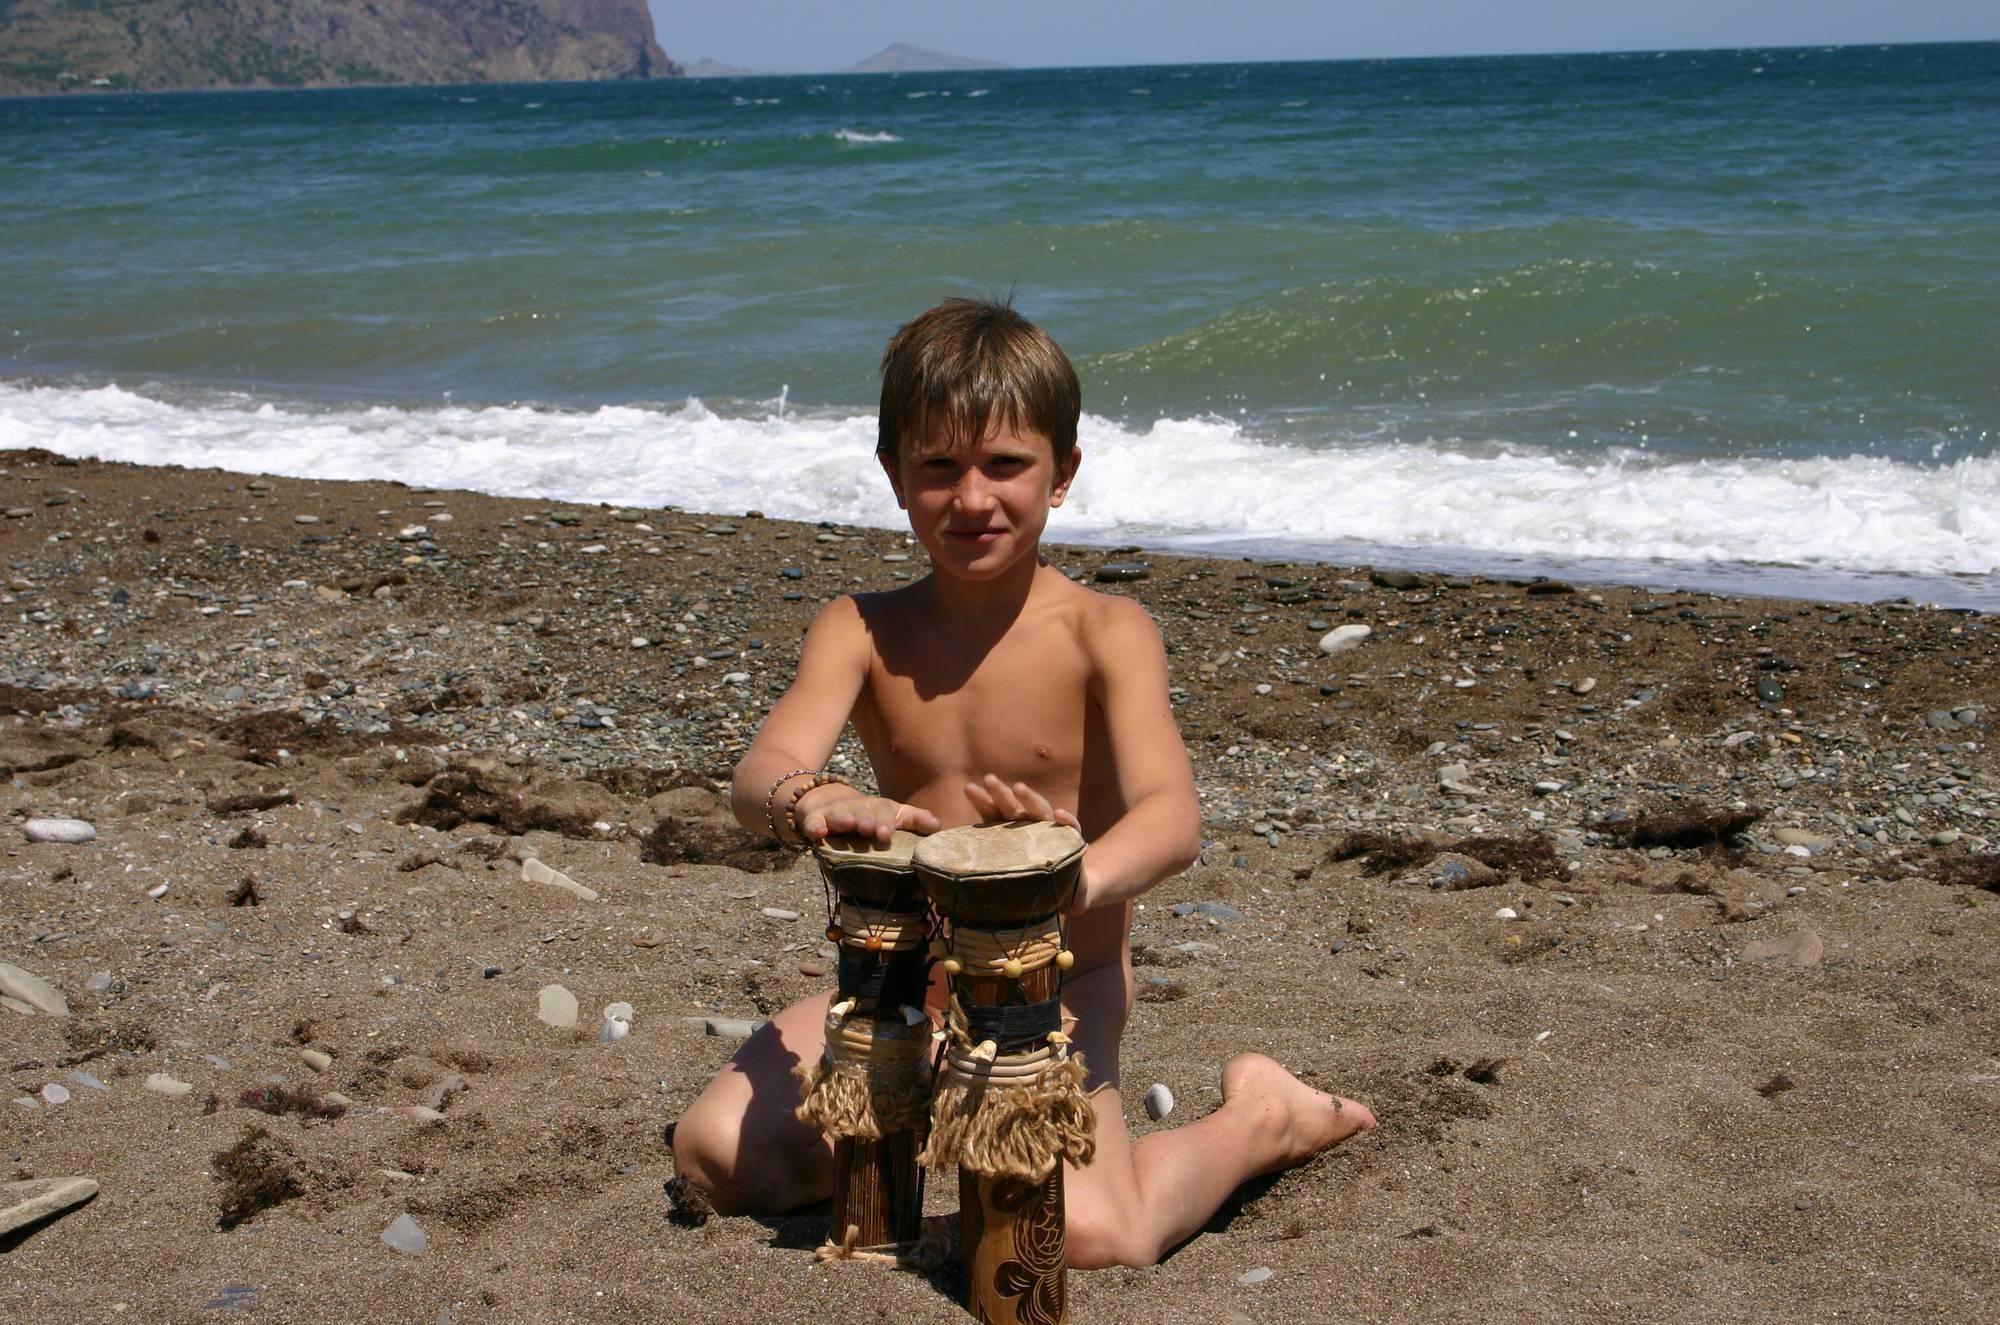 Nudist Gallery Crimea Nudist Drum Show - 2